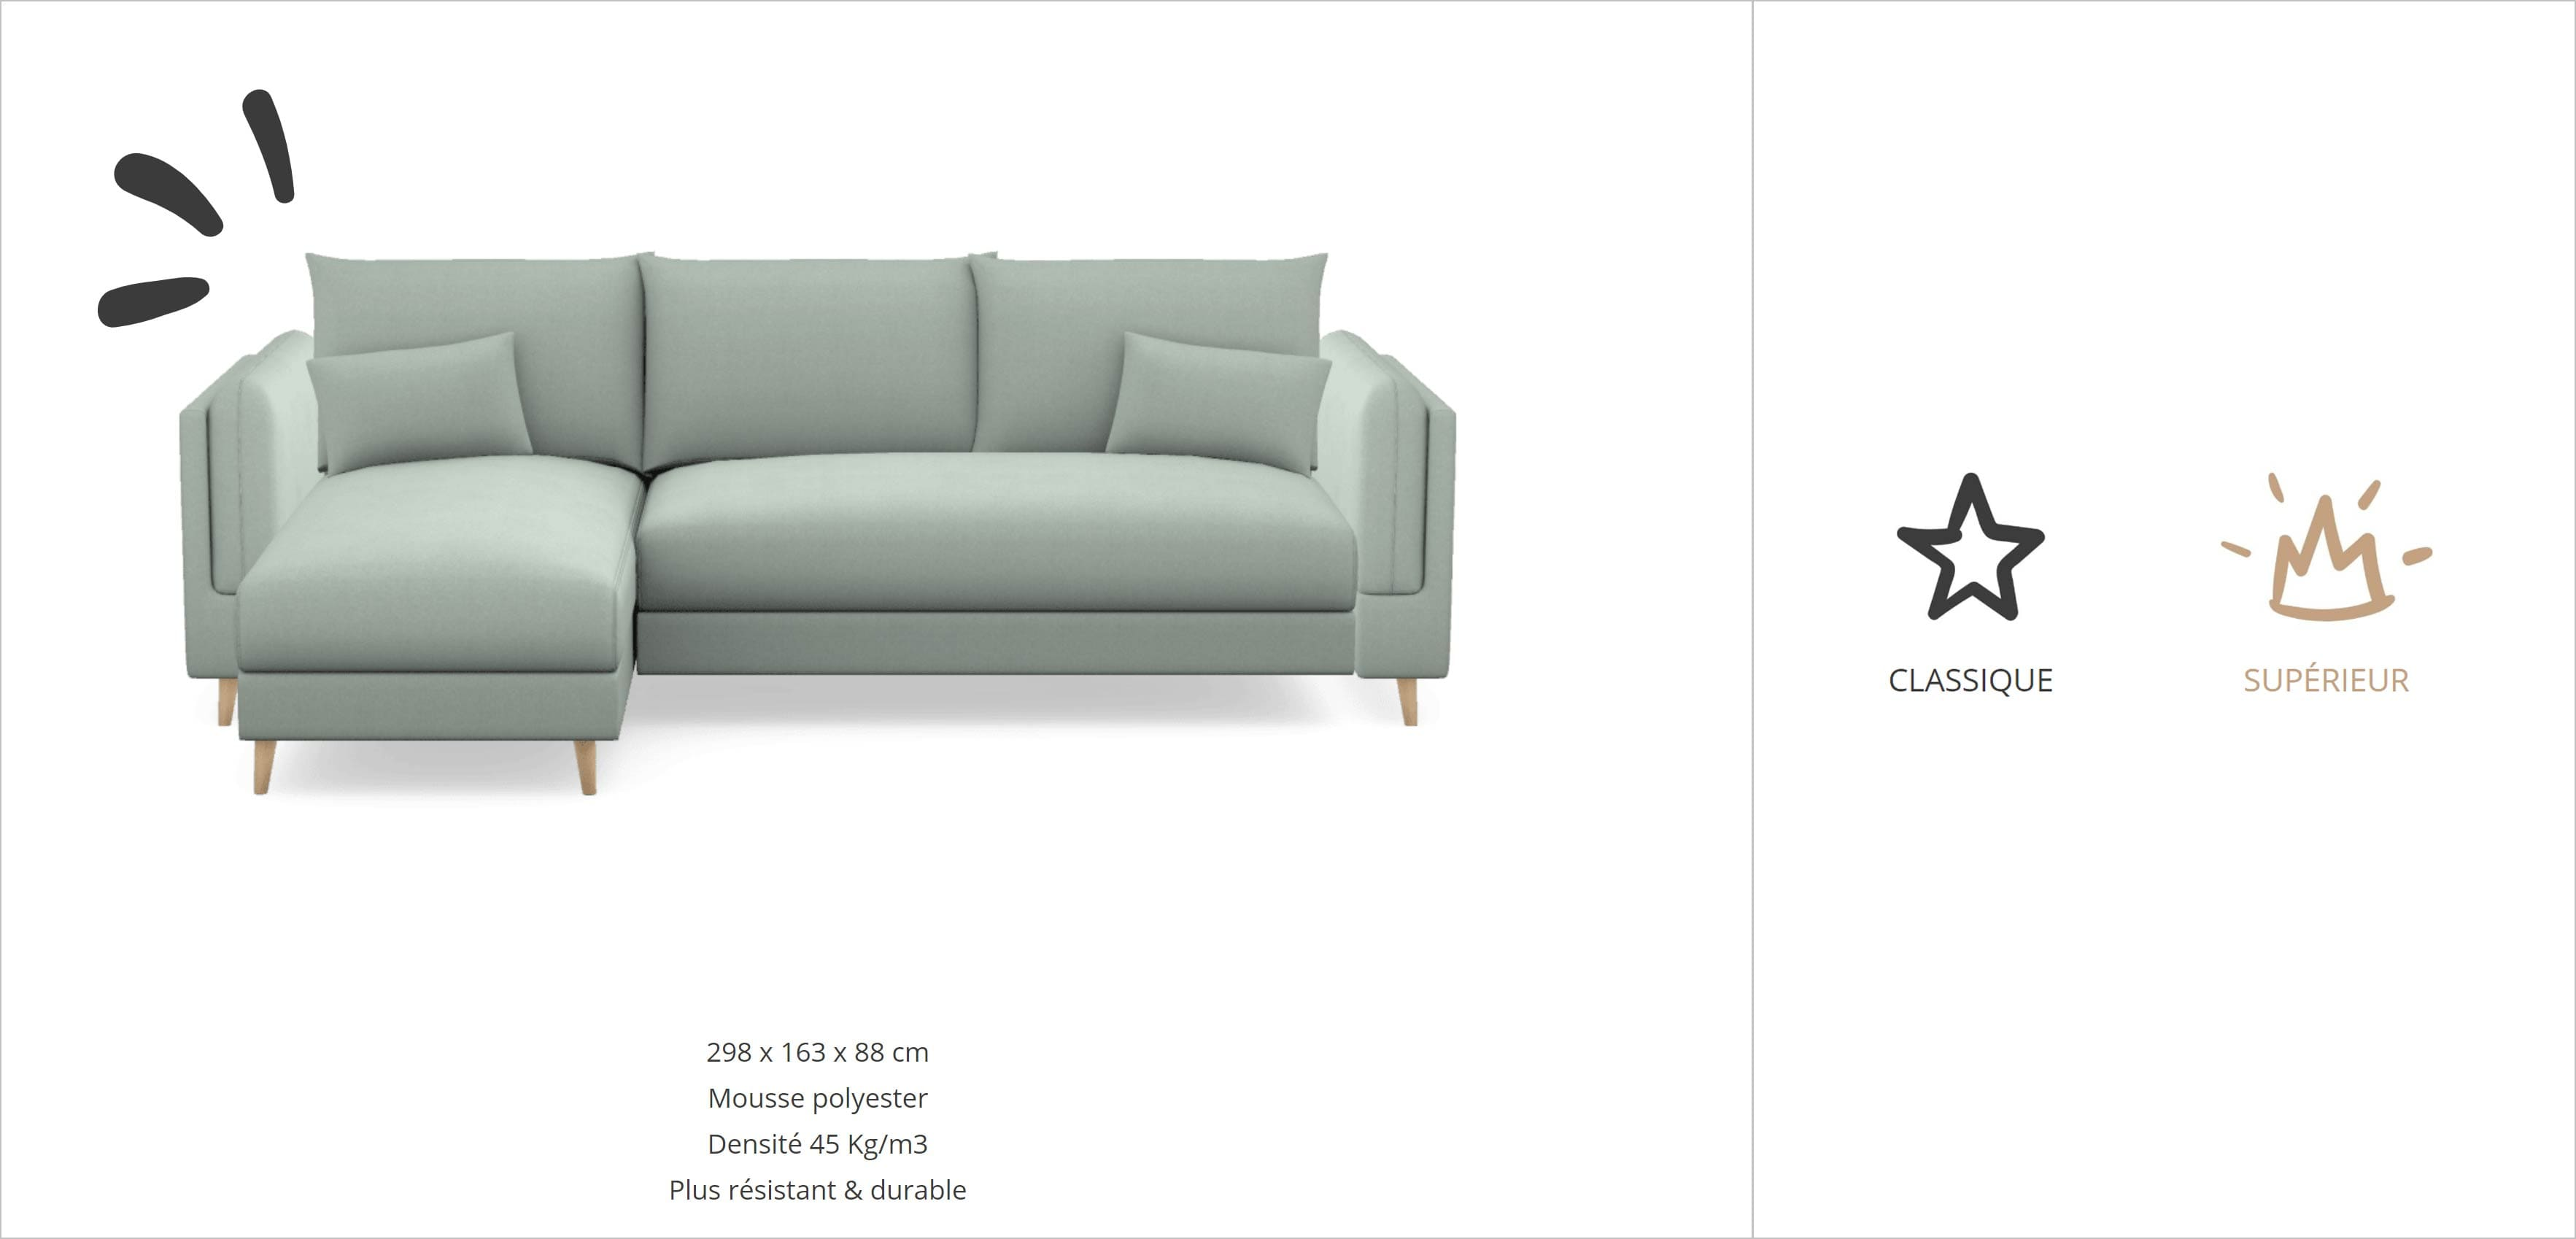 So Me Canapé sur mesure Maisons du Monde : confort d'assise